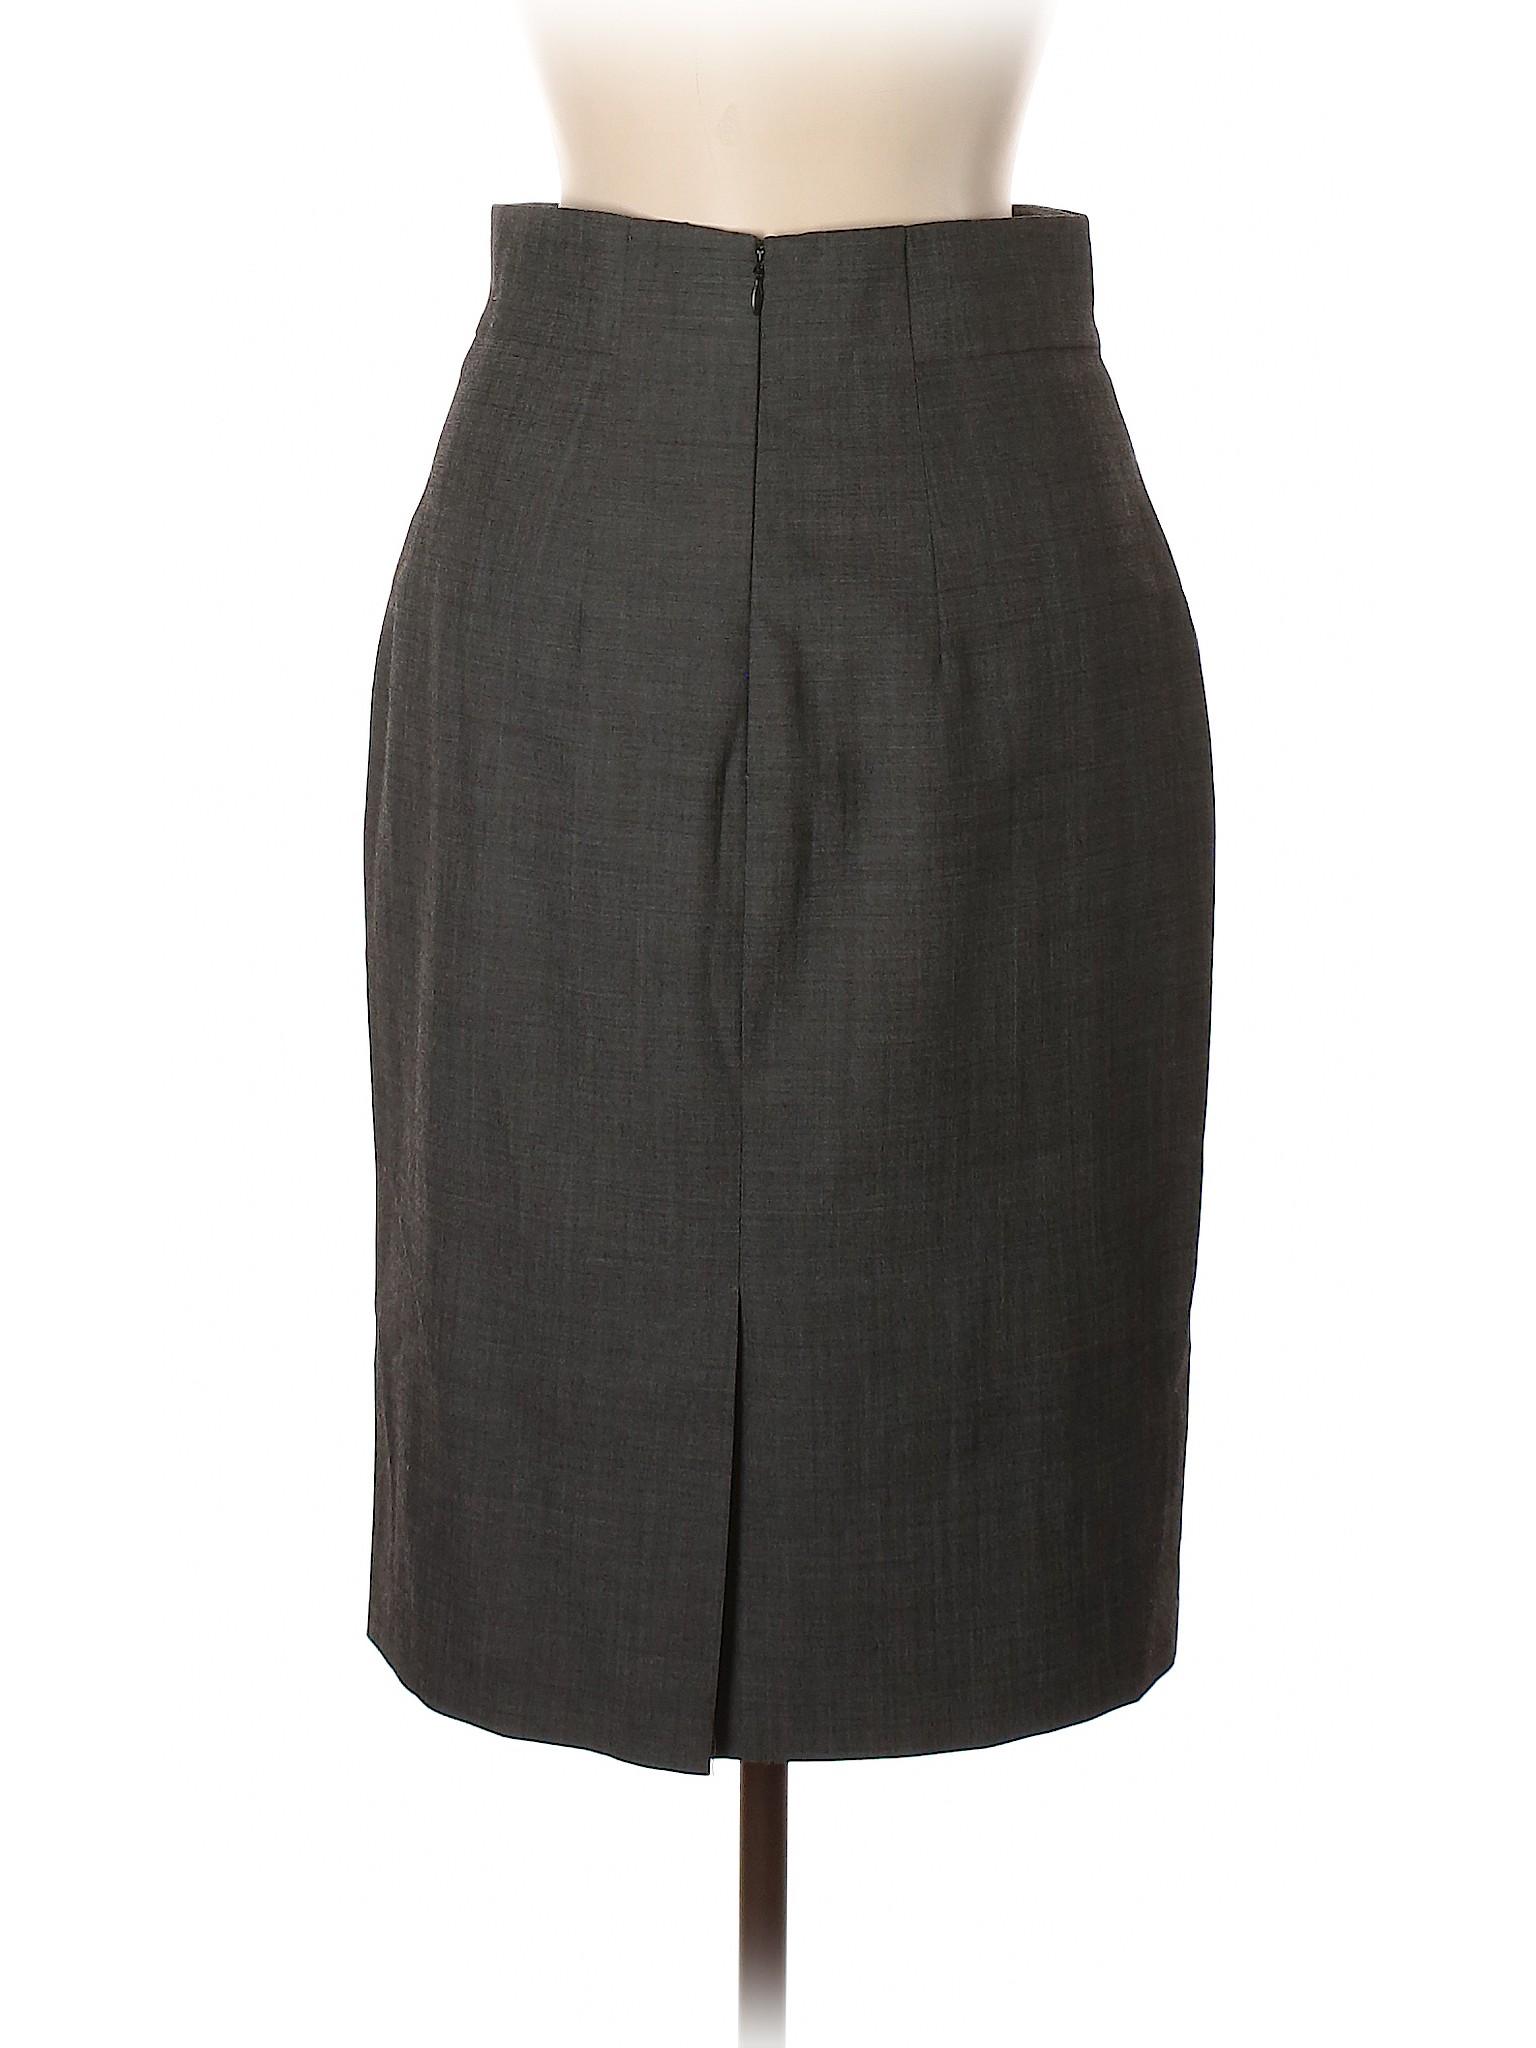 Classiques Boutique Entier Wool Boutique Skirt Entier Classiques Skirt Wool Entier Classiques Boutique qxwUAORS